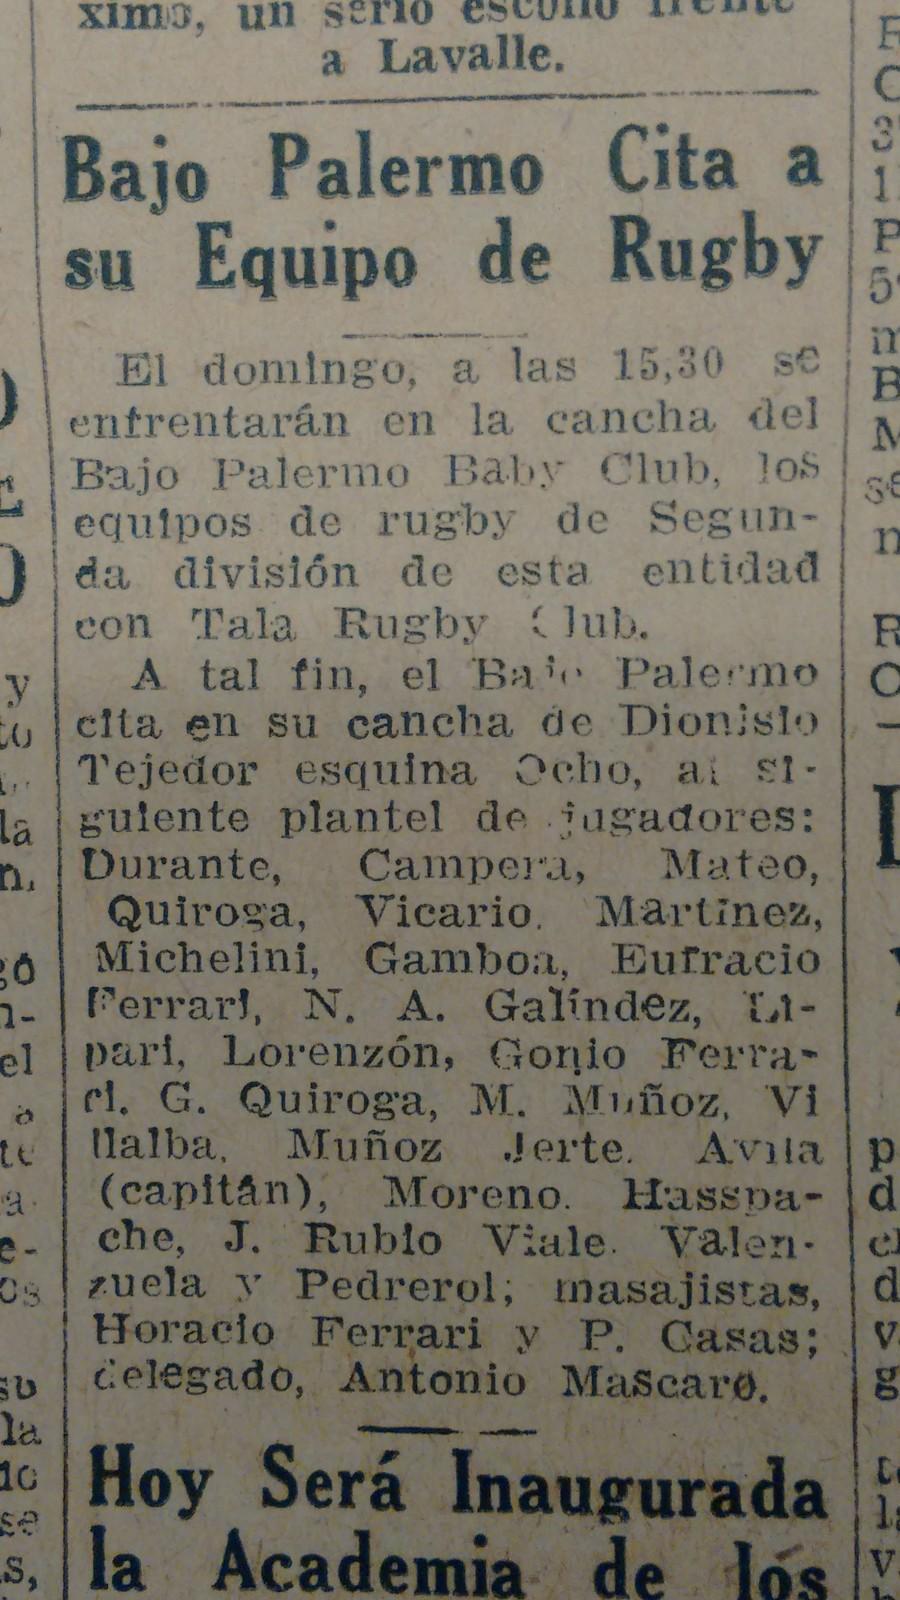 La Voz 04 06 1959 citacion al equipo de rugby ii